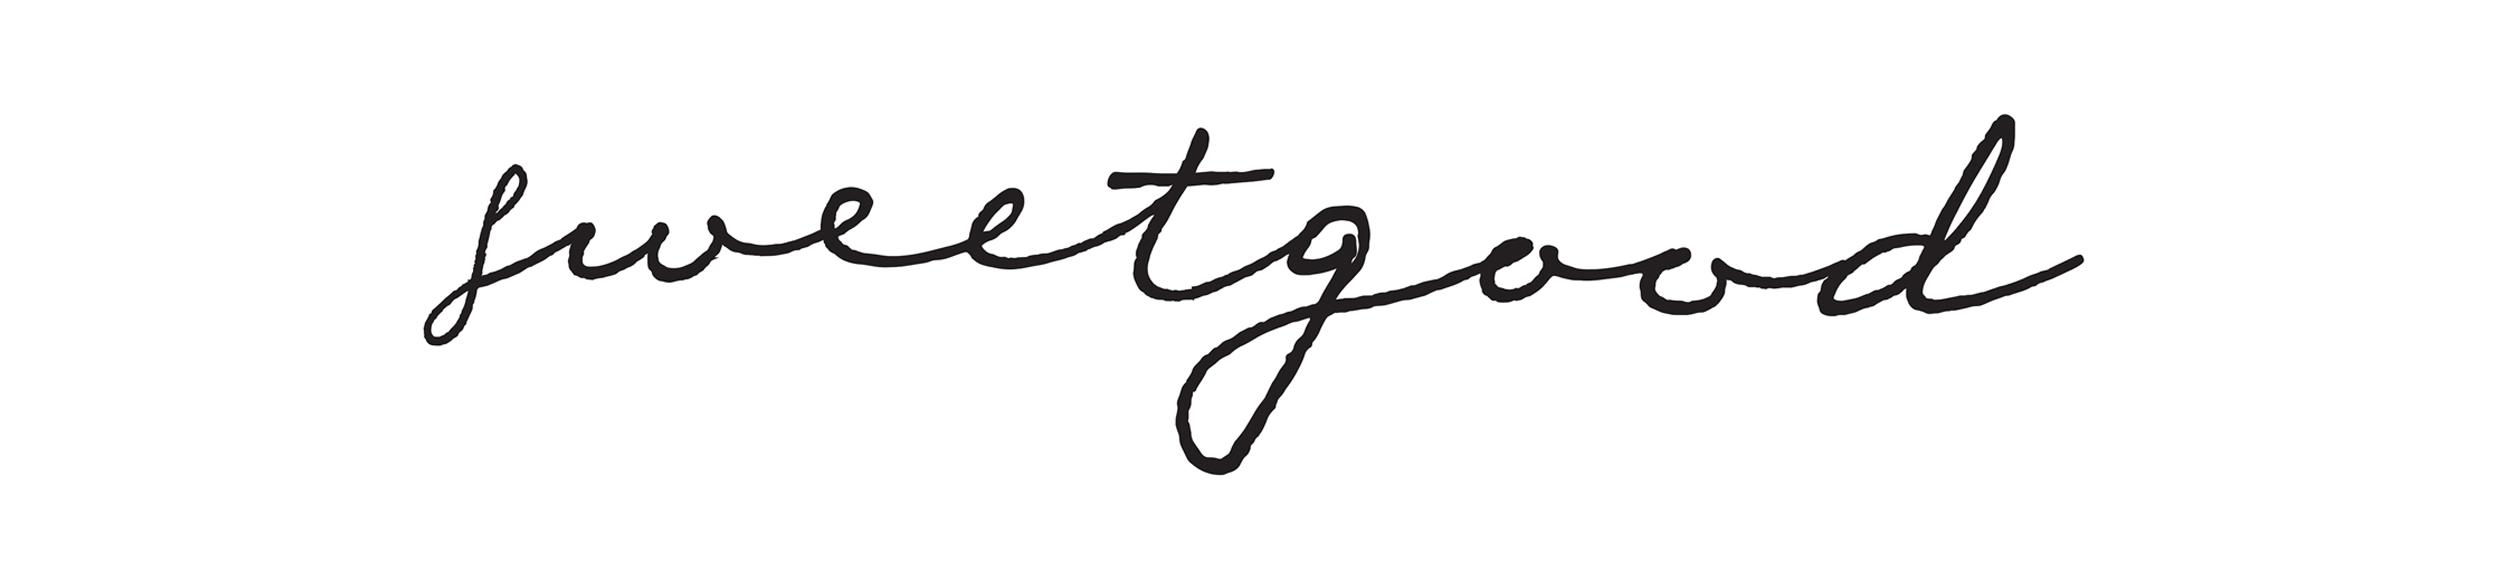 Sweetgood logo